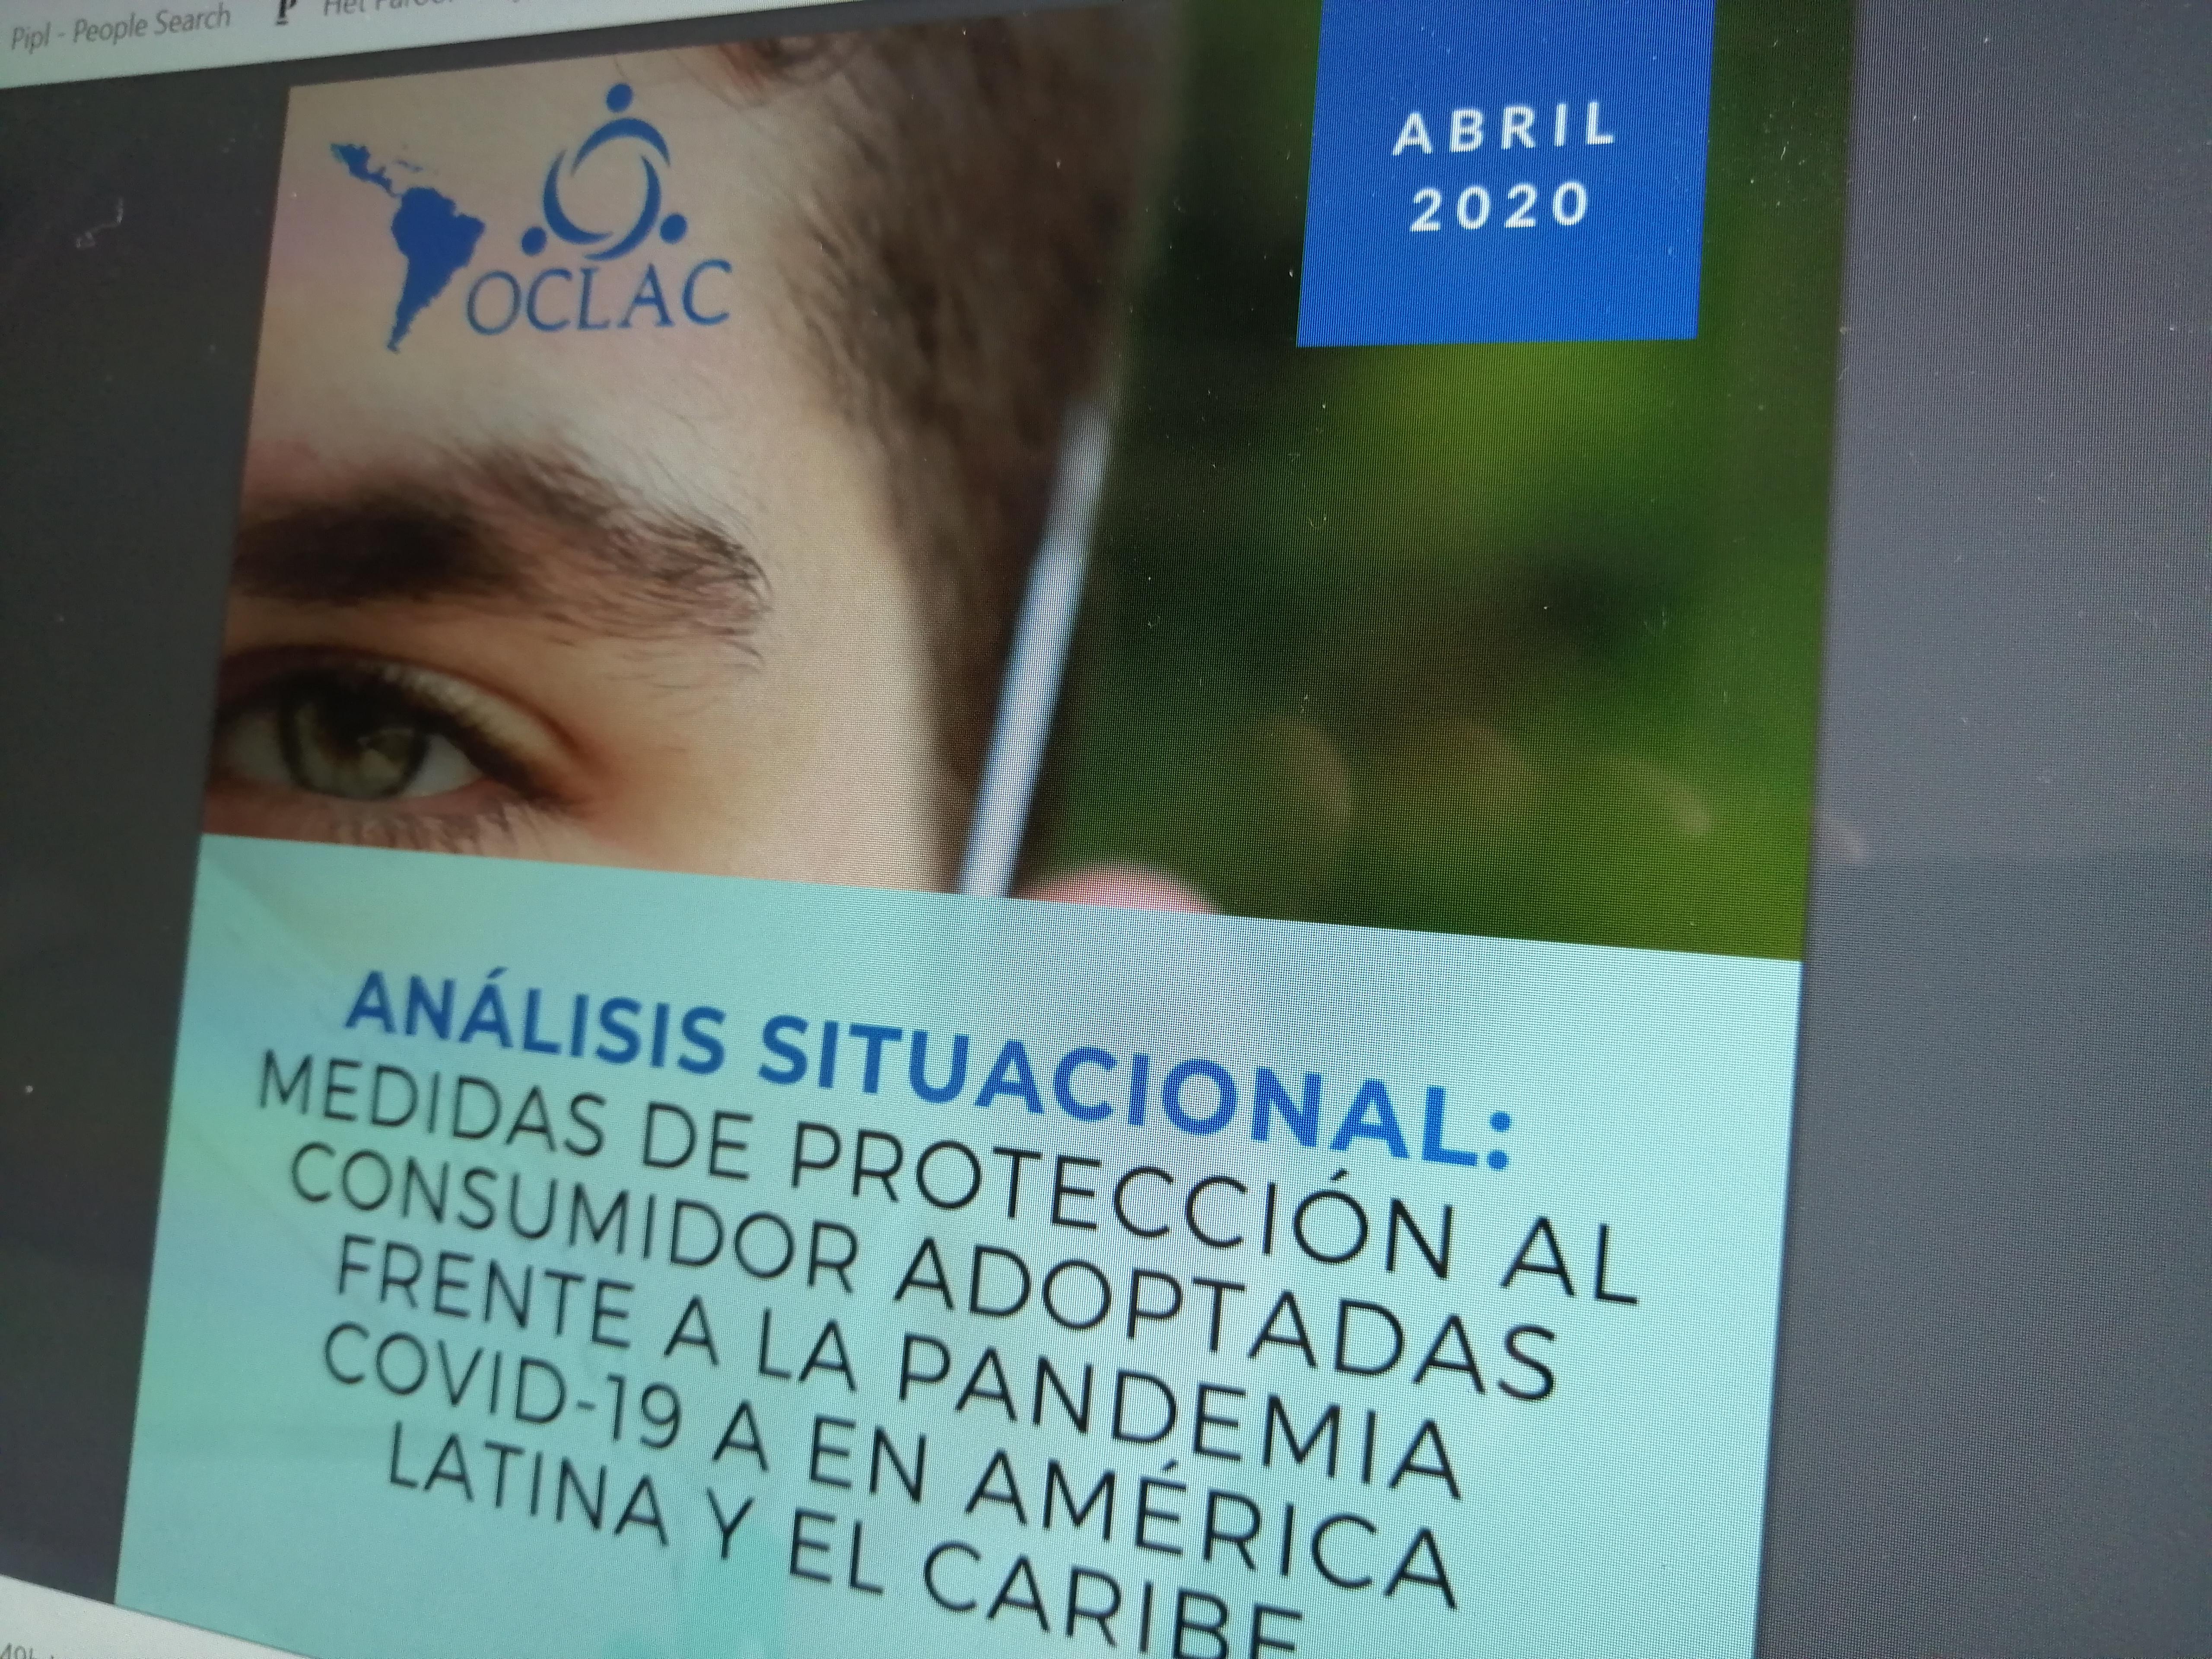 Covid-19: Organizaciones de usuarios de América Latina y España publican informe sobre medidas adoptadas